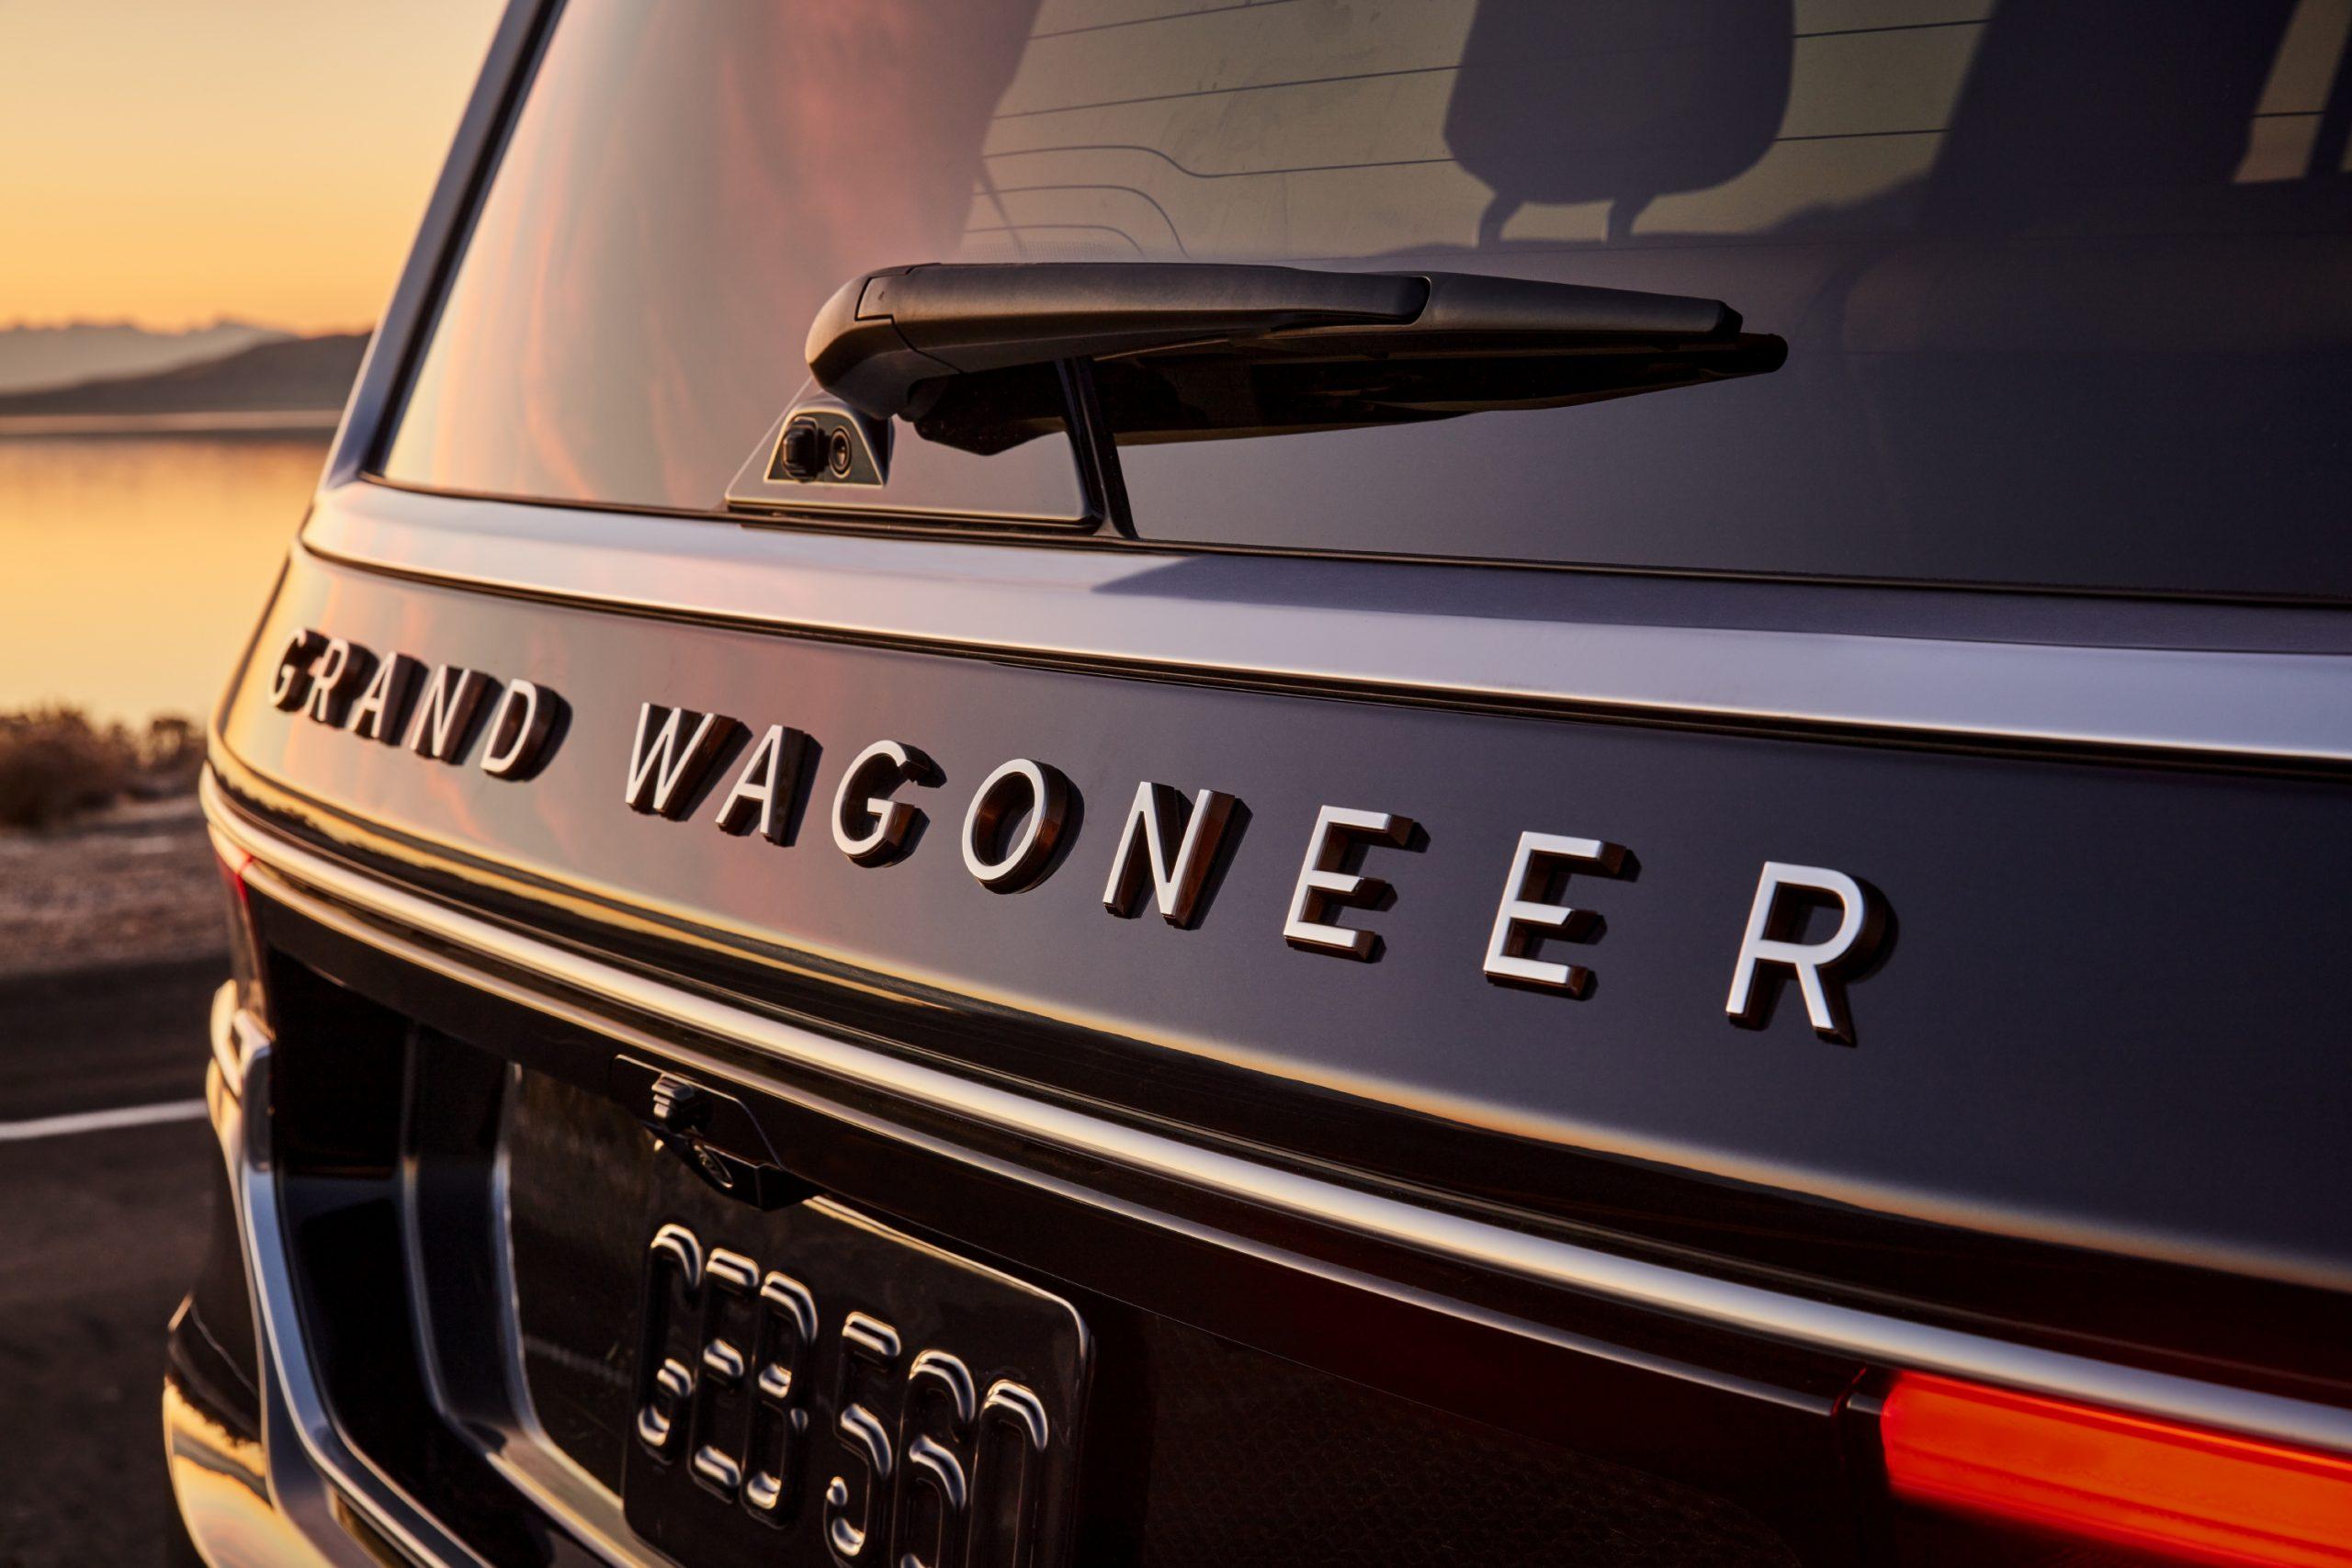 2022 Grand Wagoneer exterior detail name badge